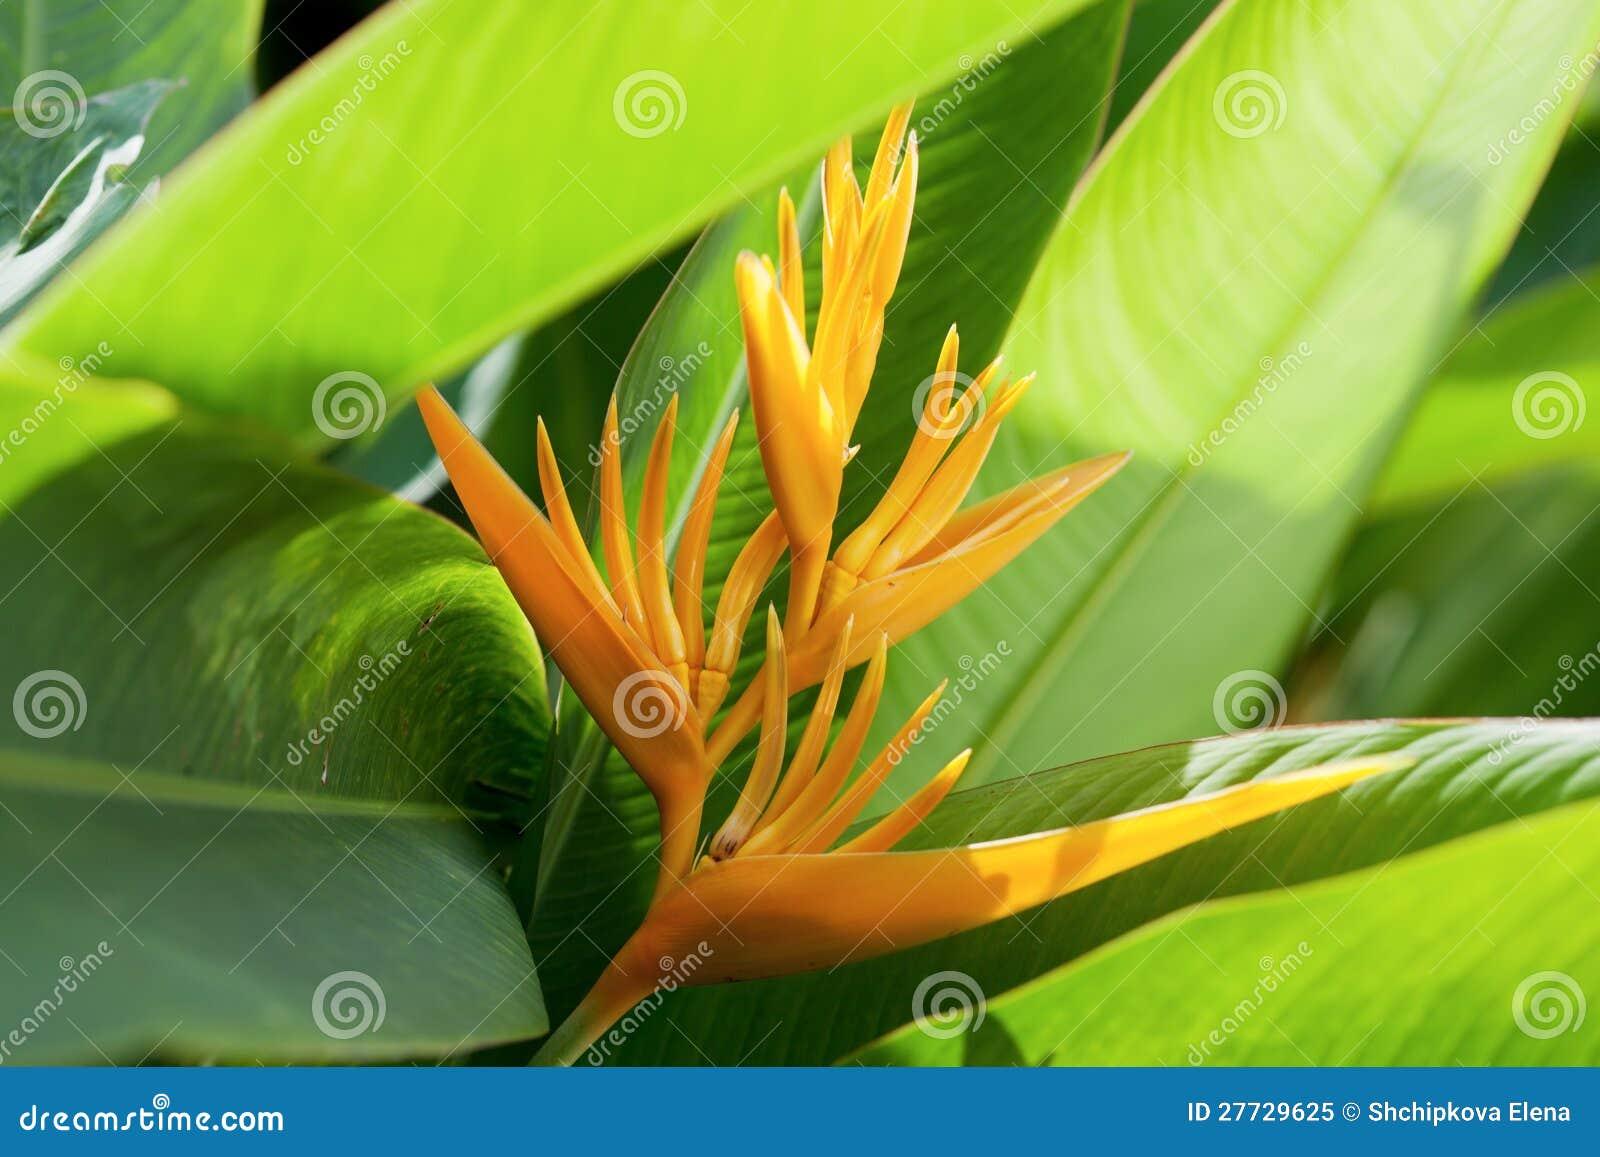 Schöner Paradiesvogel Blume